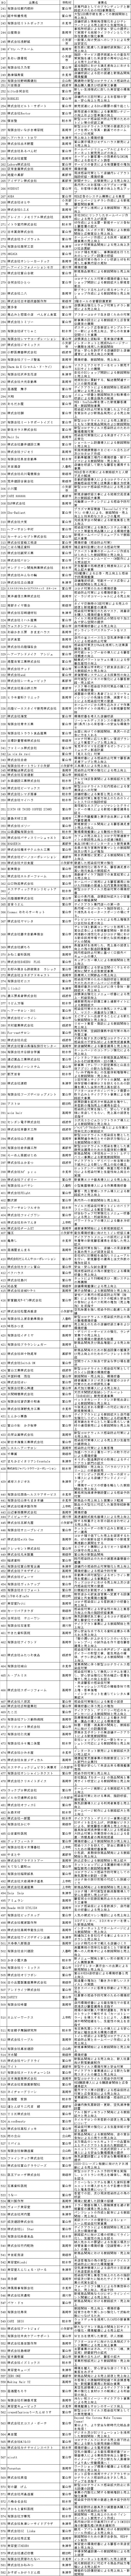 富山県地域企業再起支援事業費補助金交付先の結果について-第3報